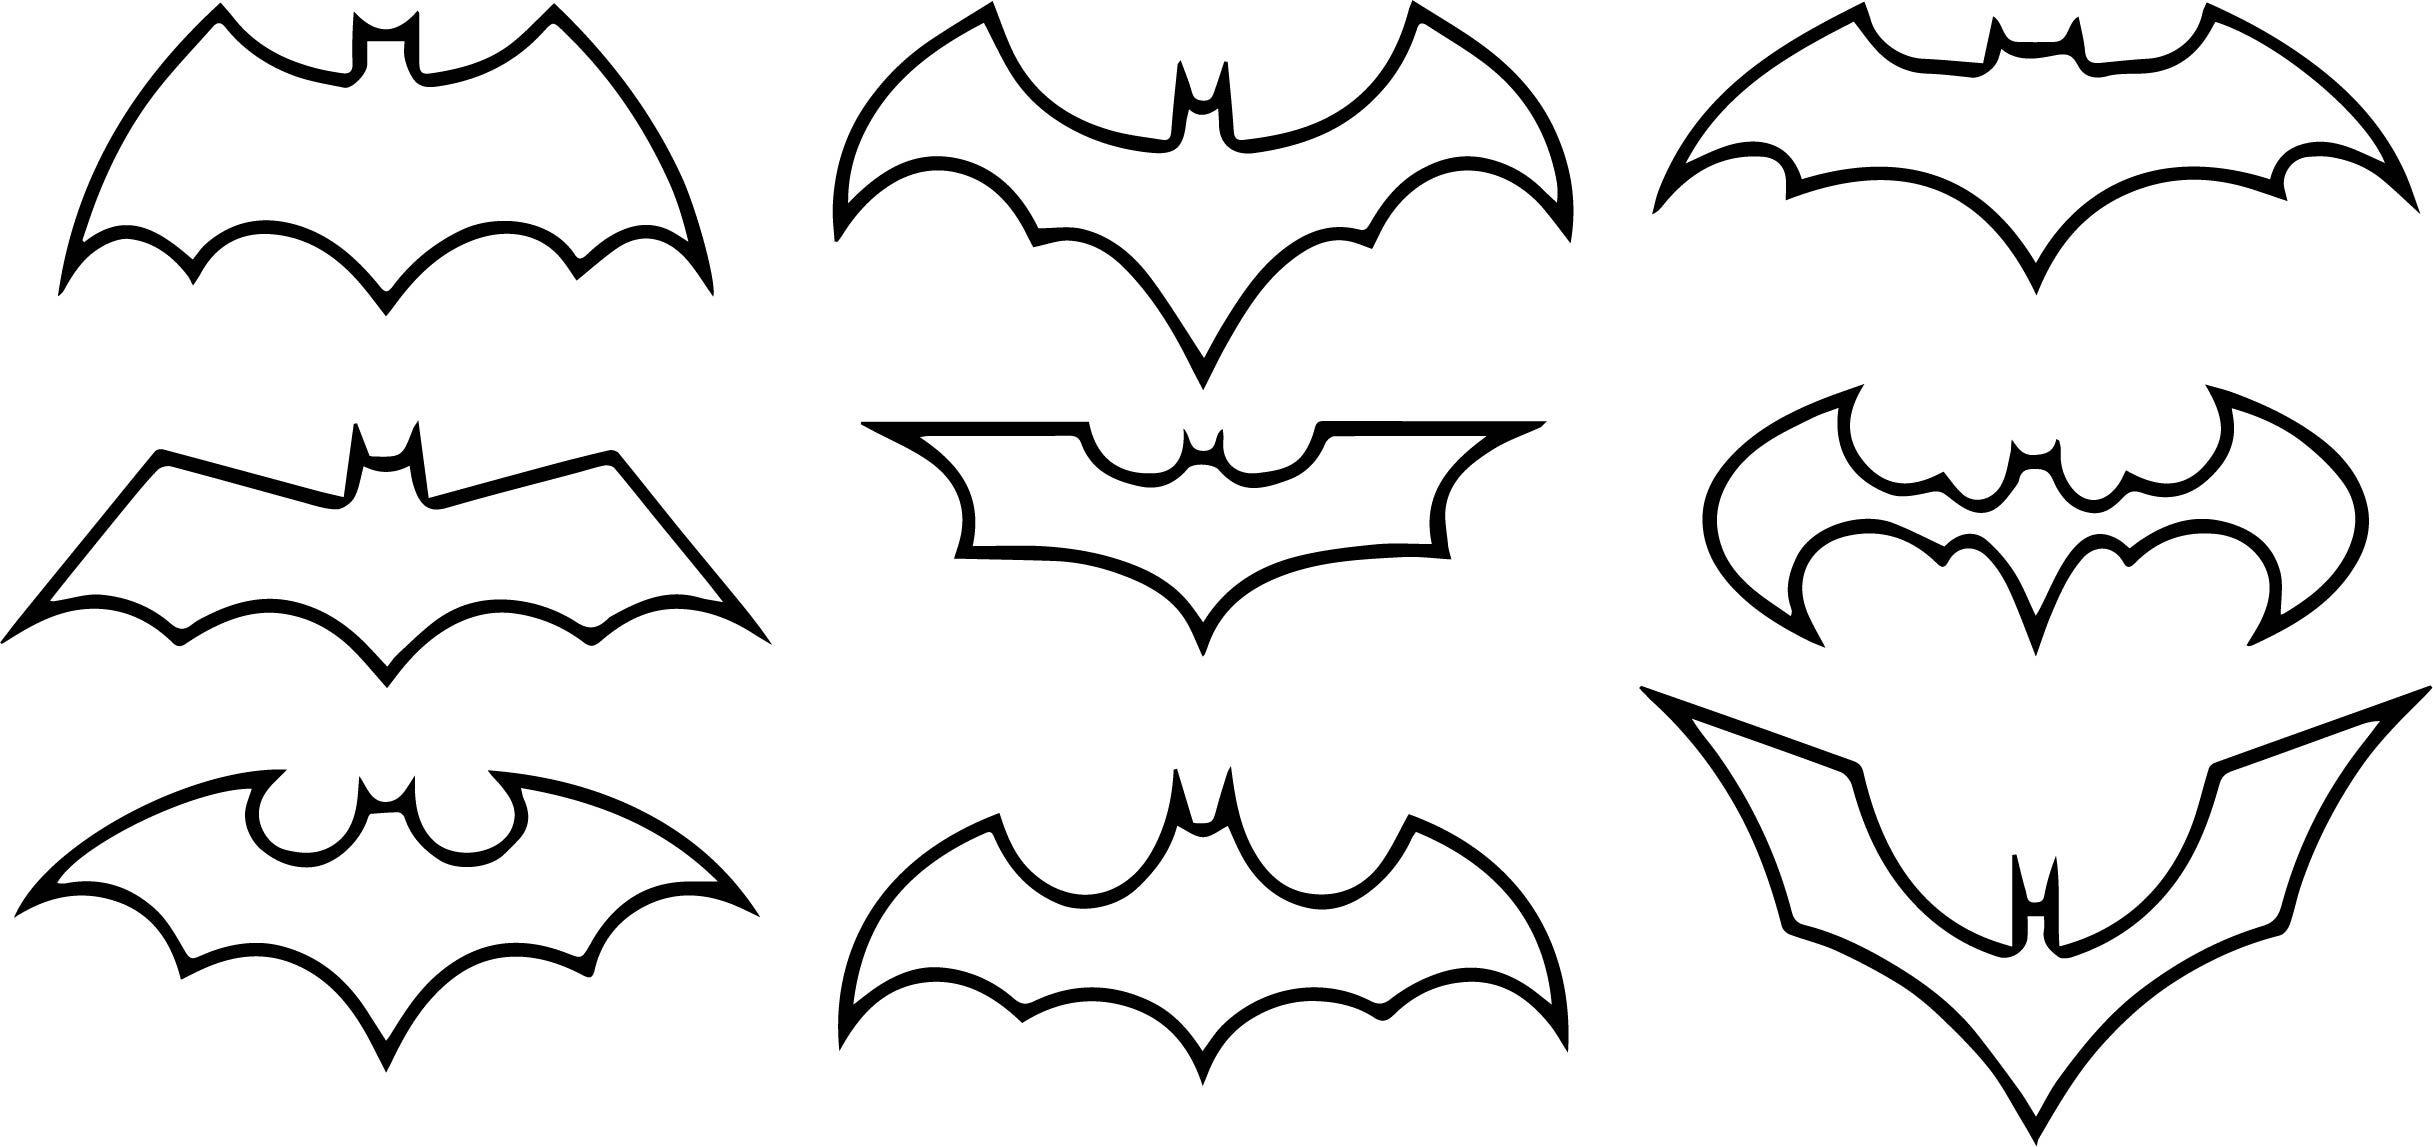 - Cool Batman Symbol Coloring Page Coloring Pages, Batman Coloring